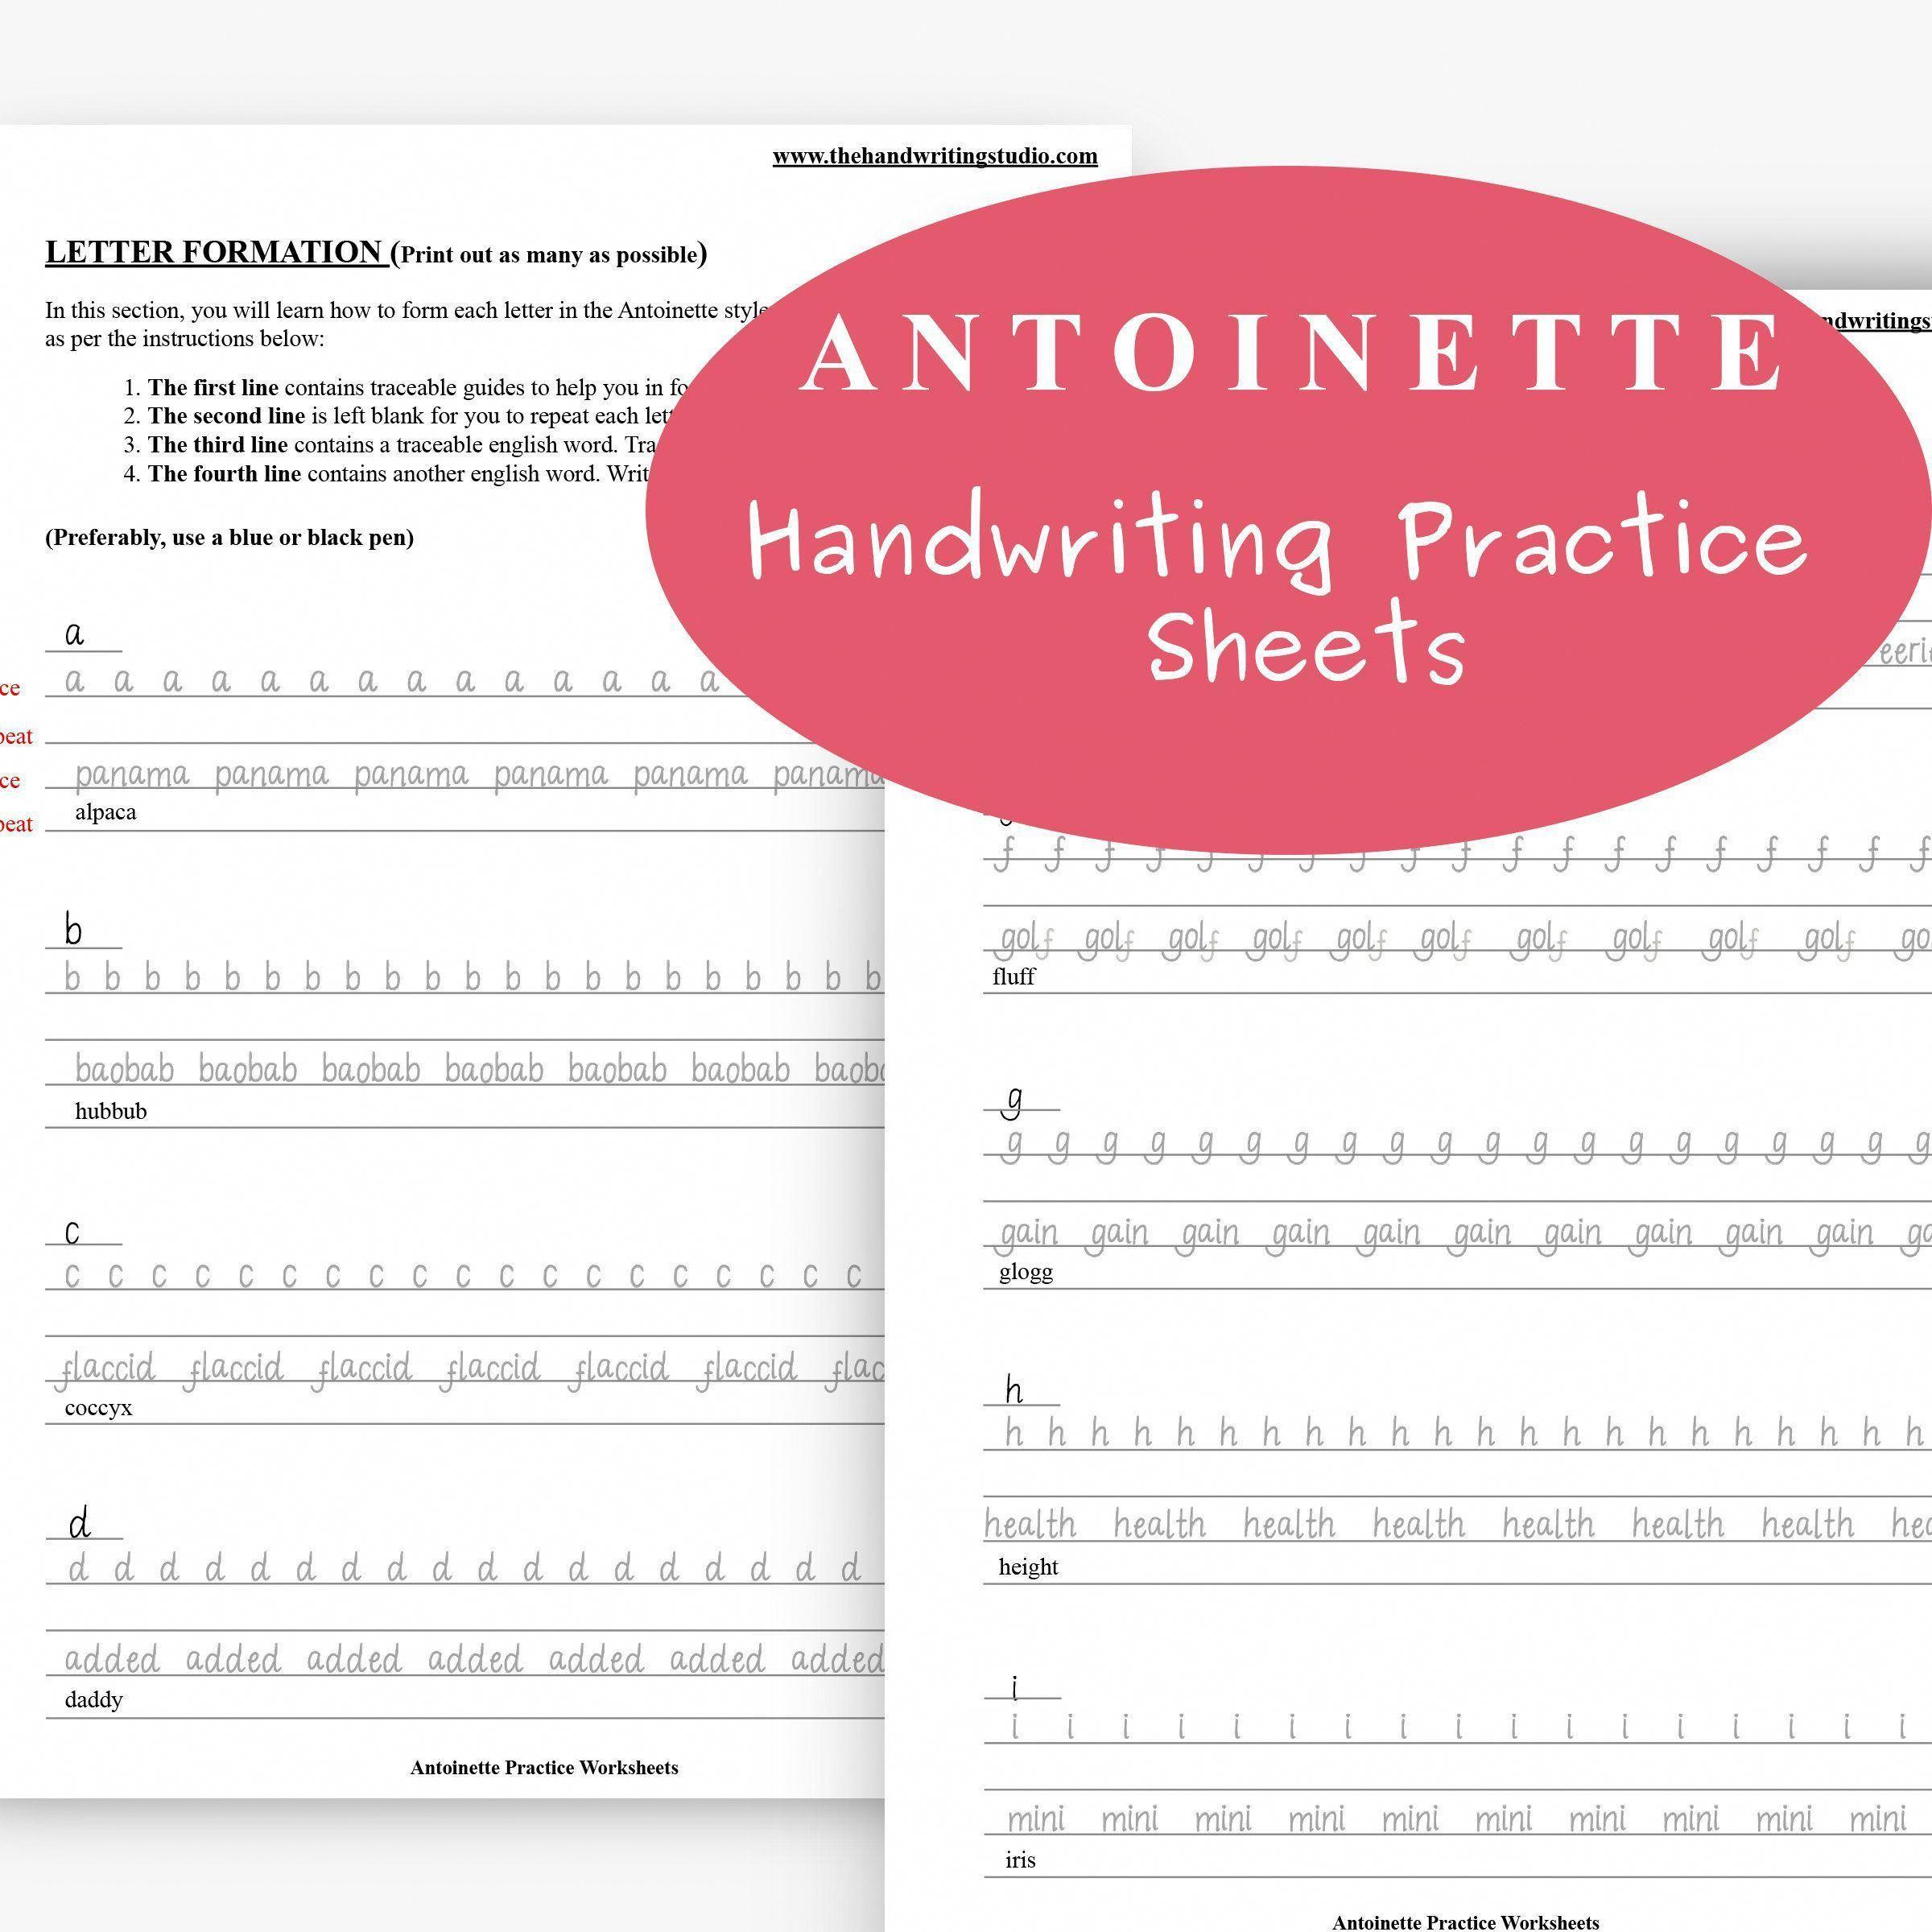 Antoinette Handwriting Practice Sheets Digital Worksheets